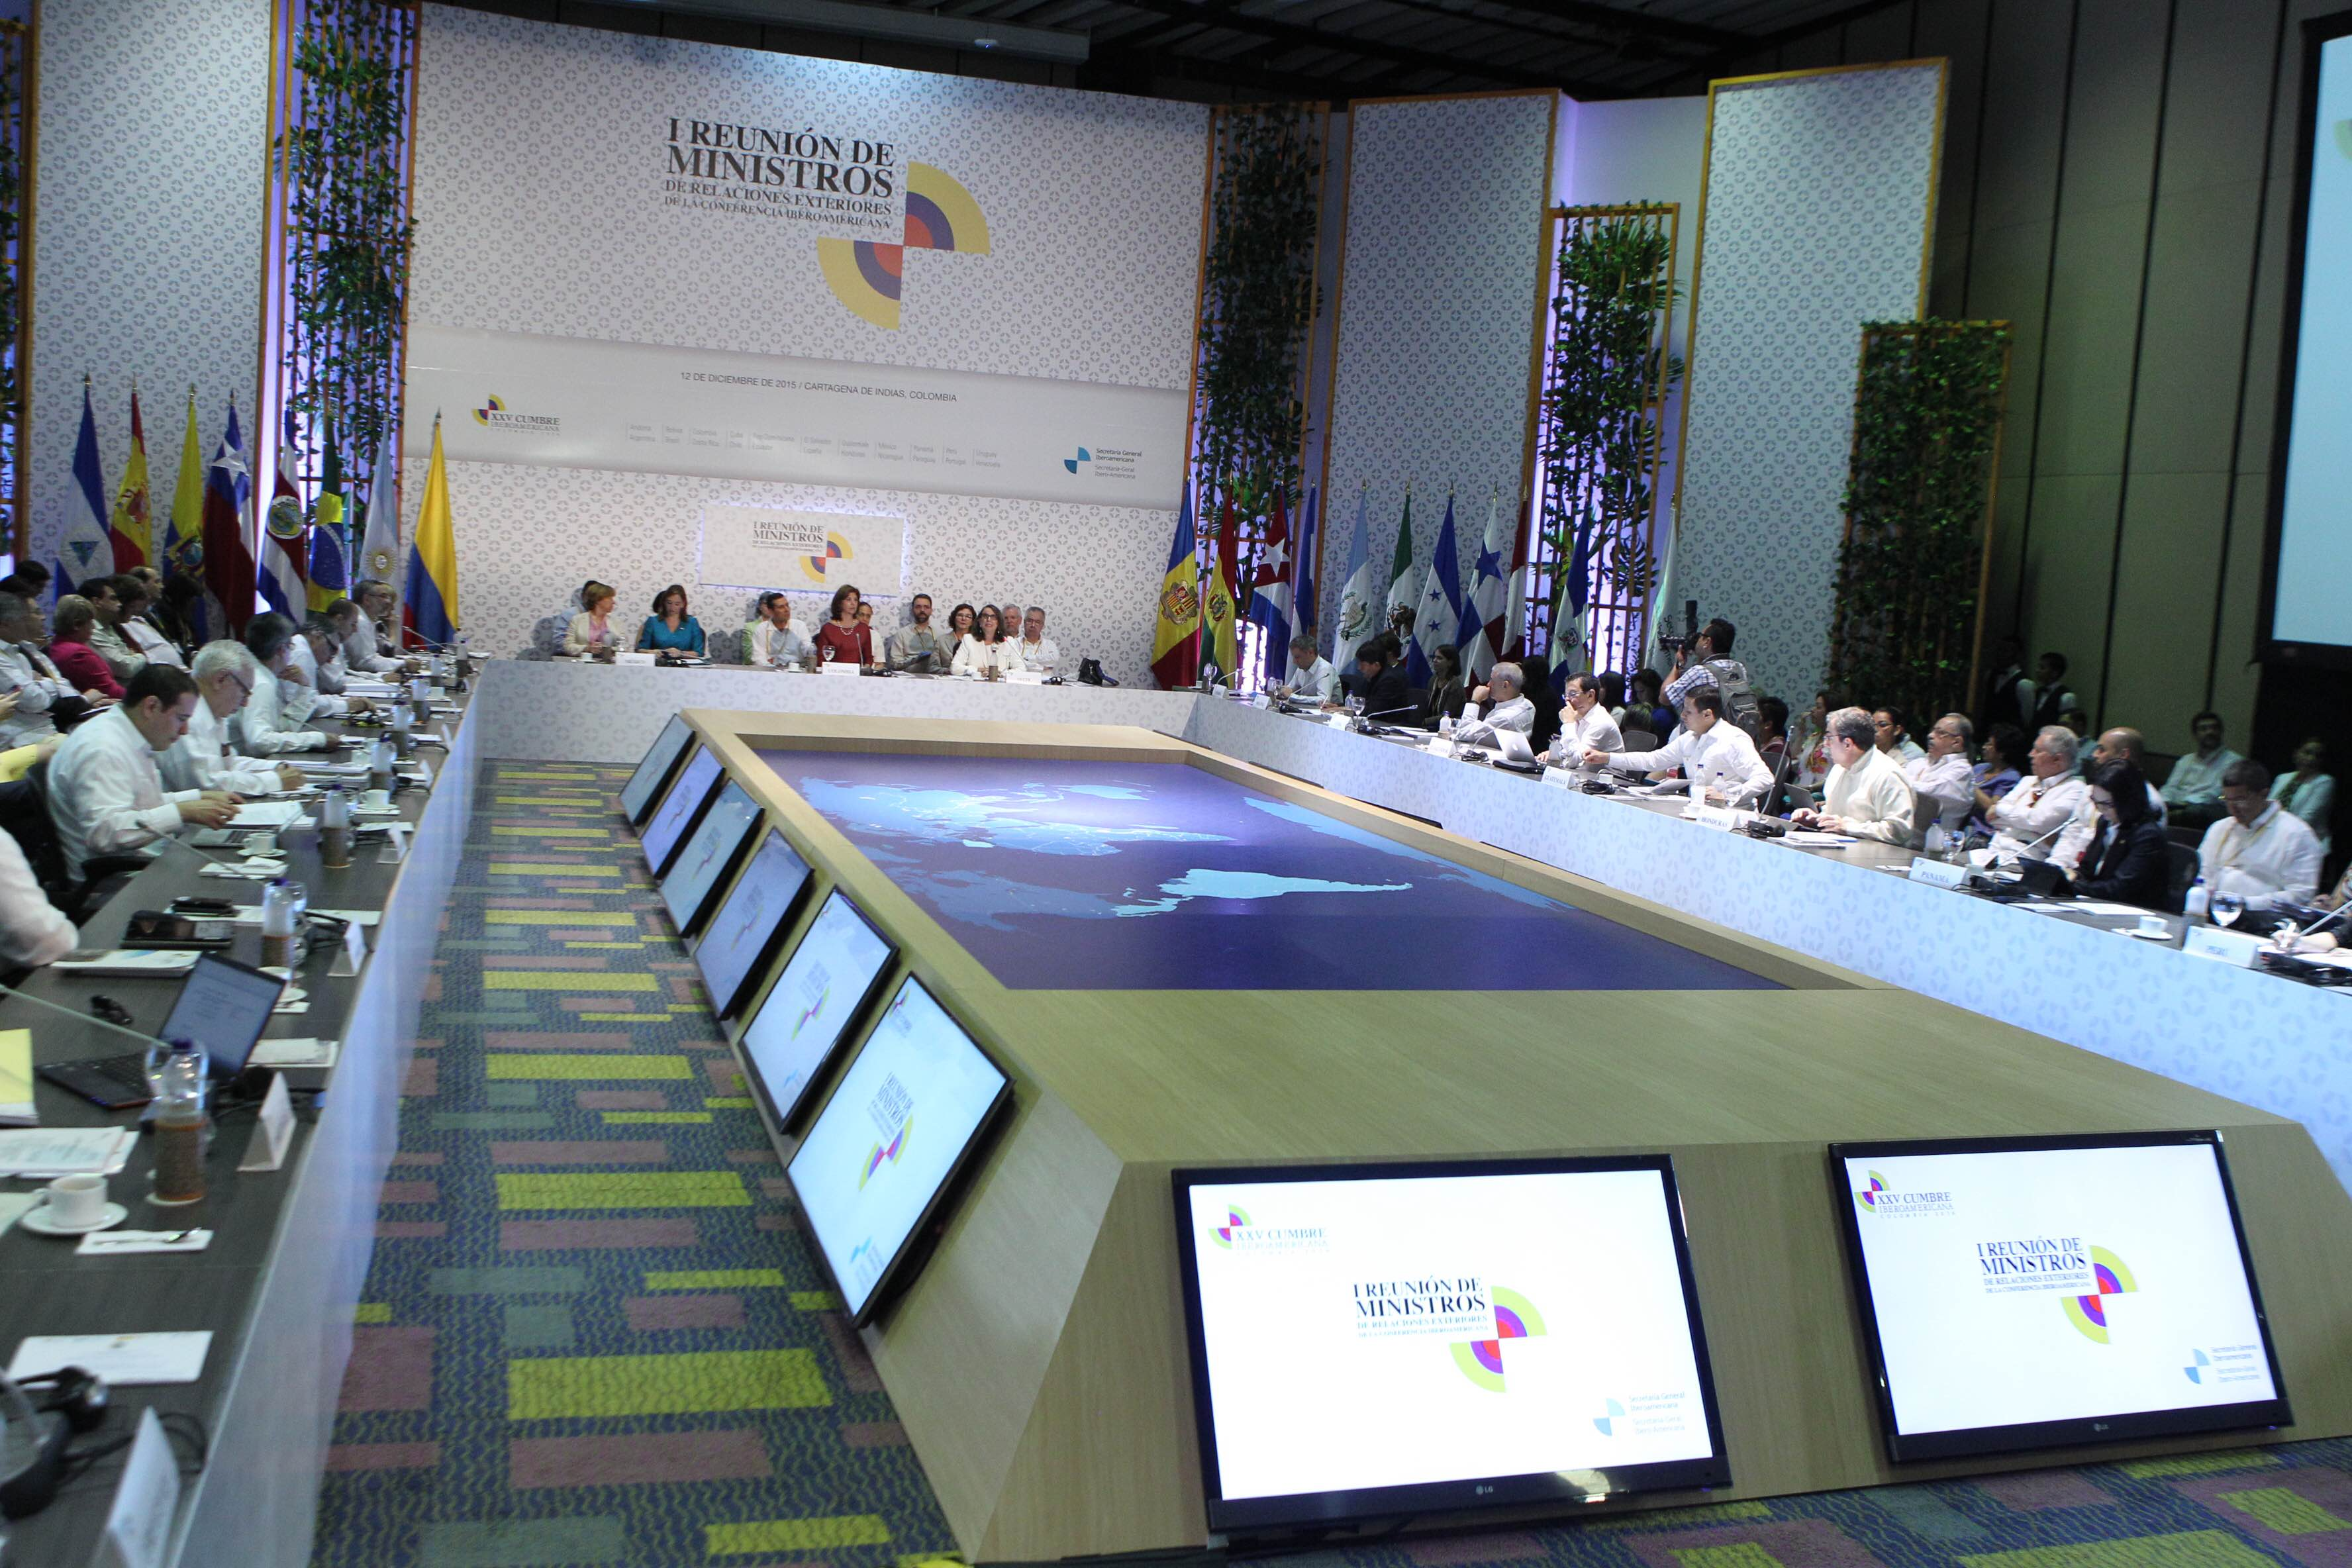 Foto 2 La Canciller Claudia Ruiz Massieu en la inauguraci n de la Reuni n de Ministros de Relaciones Exteriores de IberoamericanaJPG